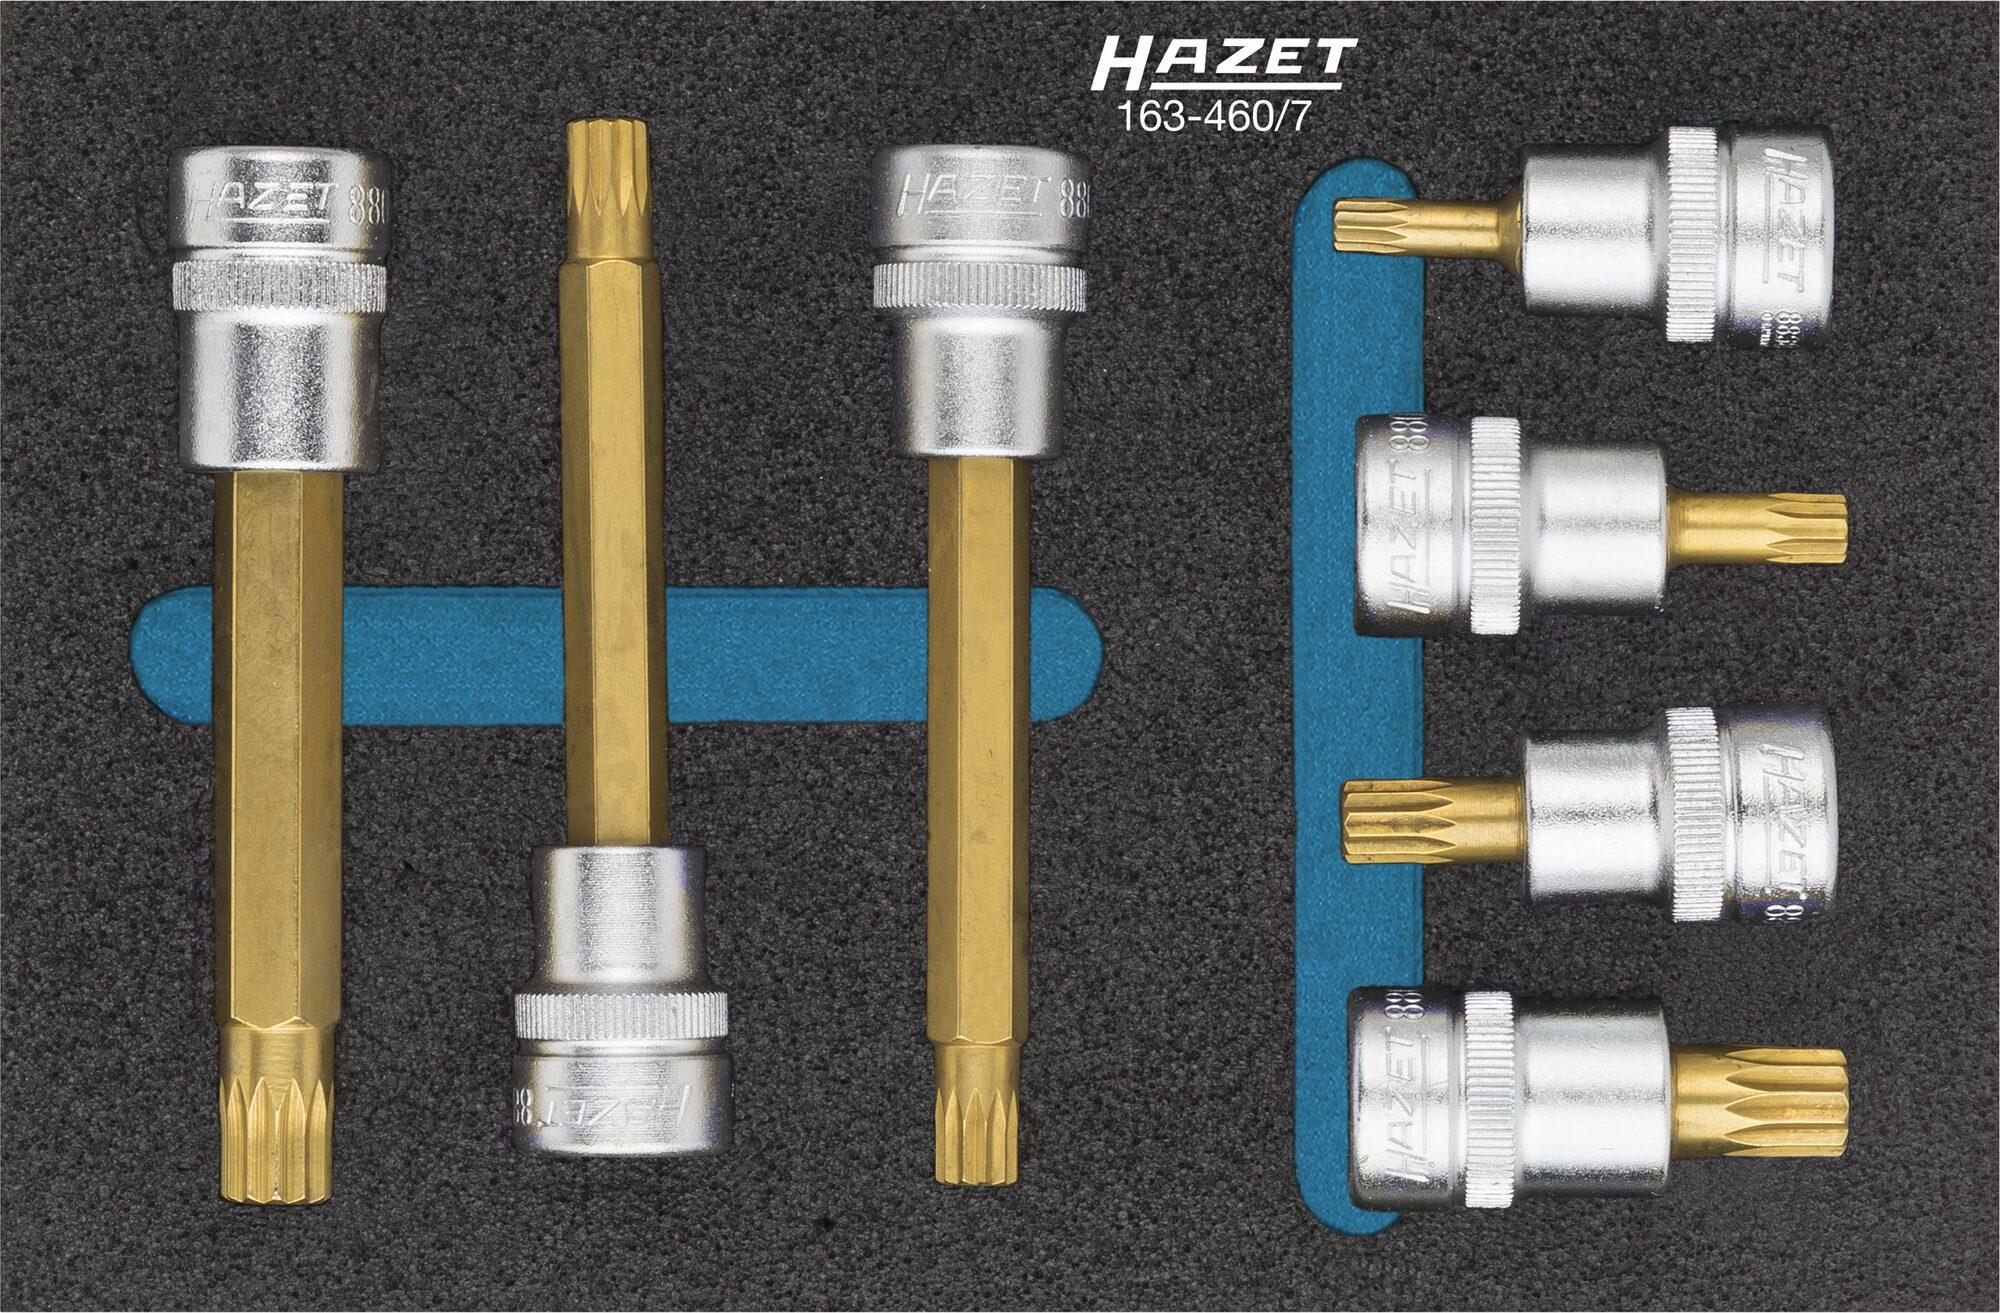 HAZET Schraubendreher-Steckschlüsseleinsatz Satz 163-460/7 ∙ Vierkant hohl 10 mm (3/8 Zoll) ∙ Innen Vielzahn Profil XZN